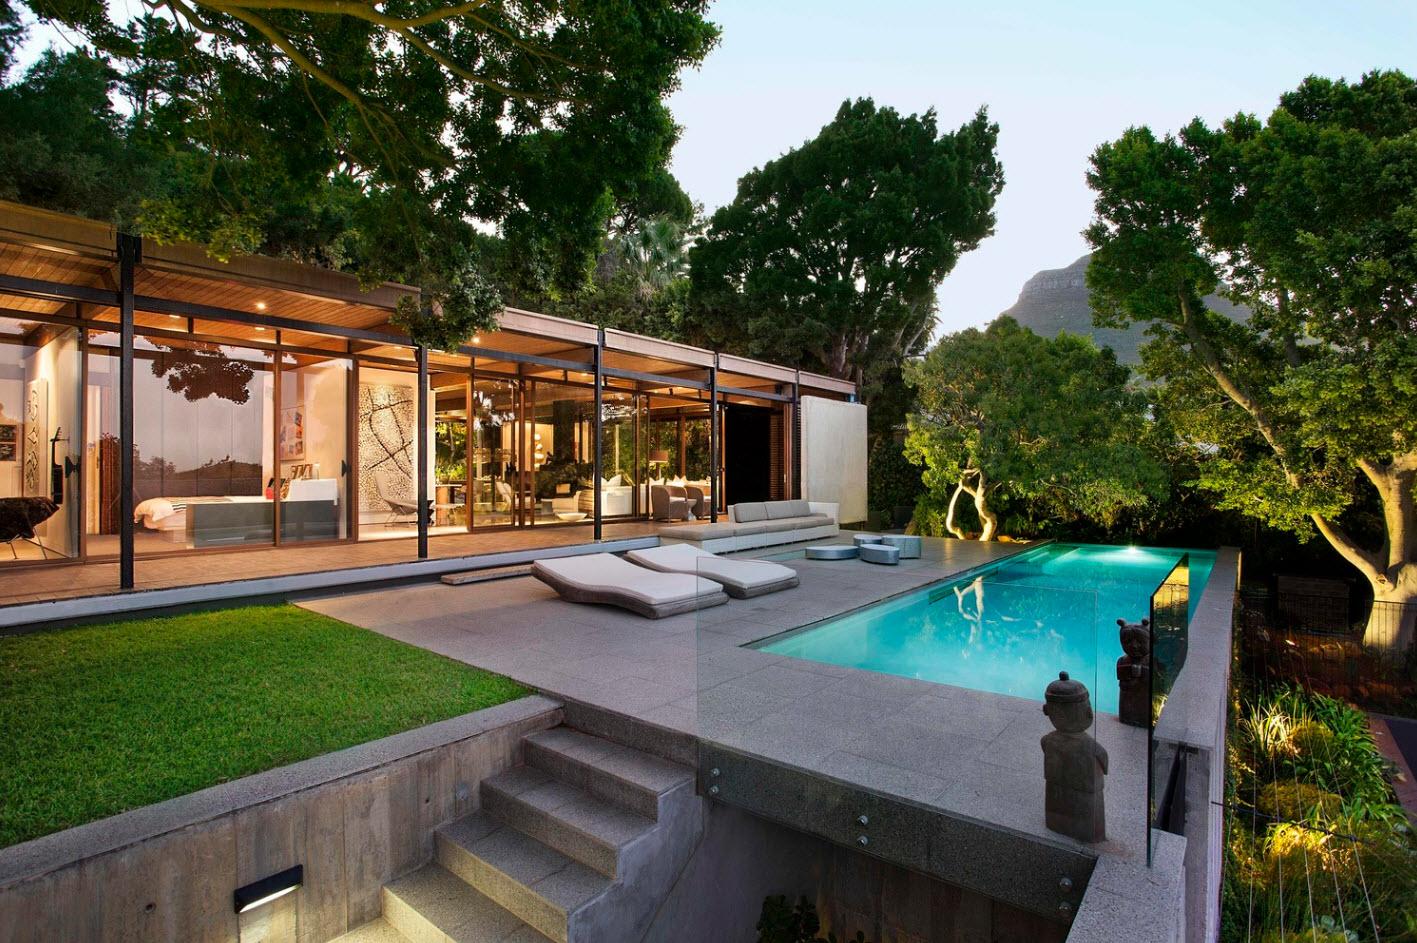 Dise o de moderna casa de monta a con impresionante vista for Casa de campo pequena con piscina